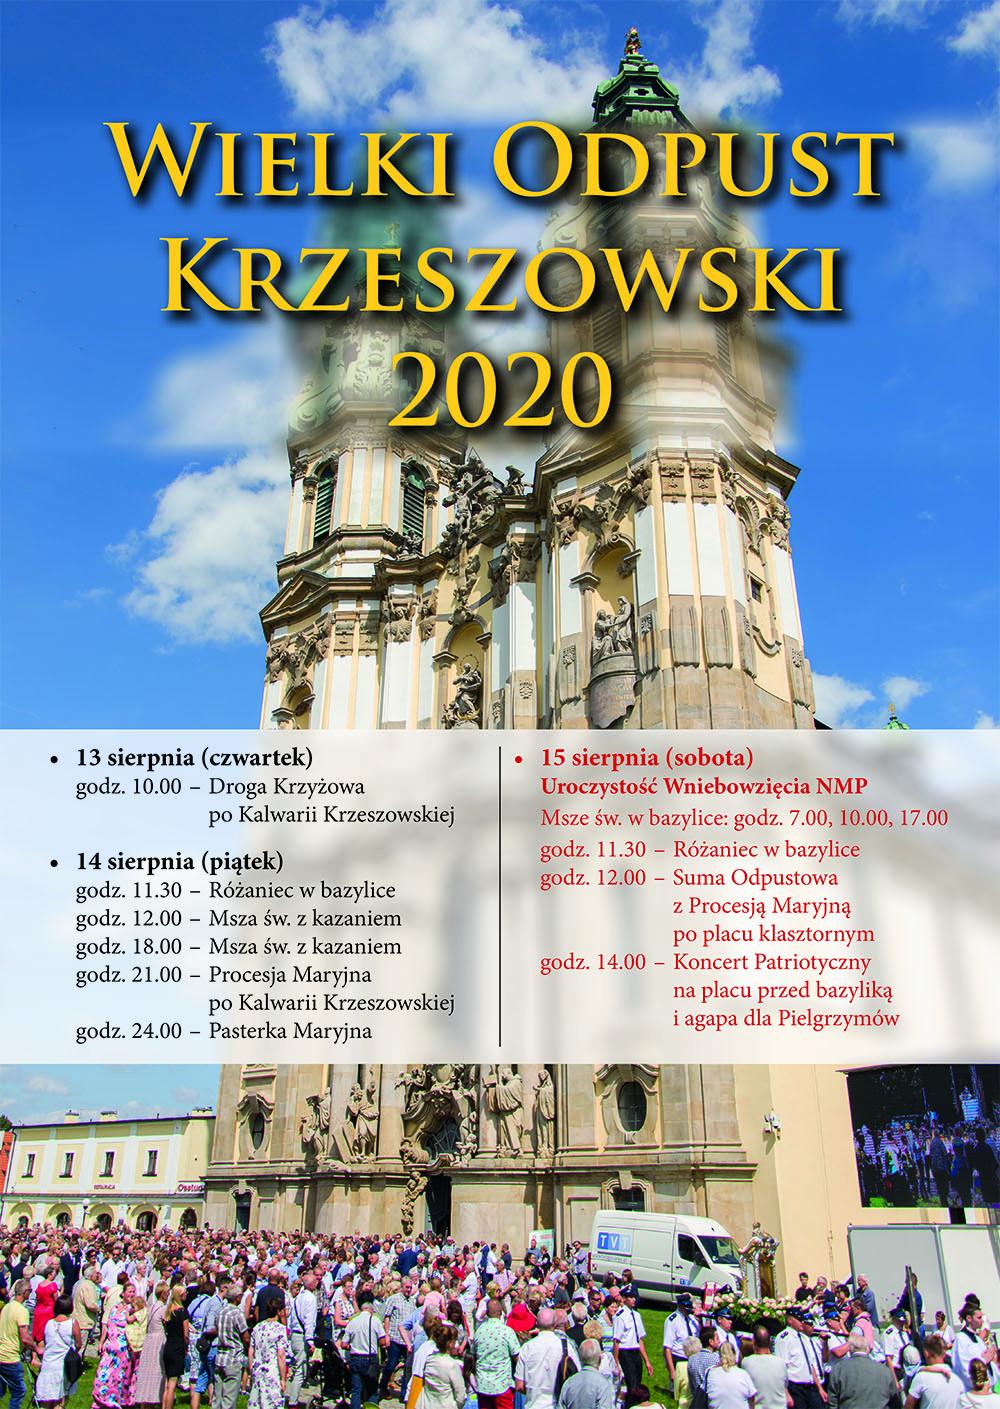 Wielki Odpust Krzeszowski 2020 - Plakat